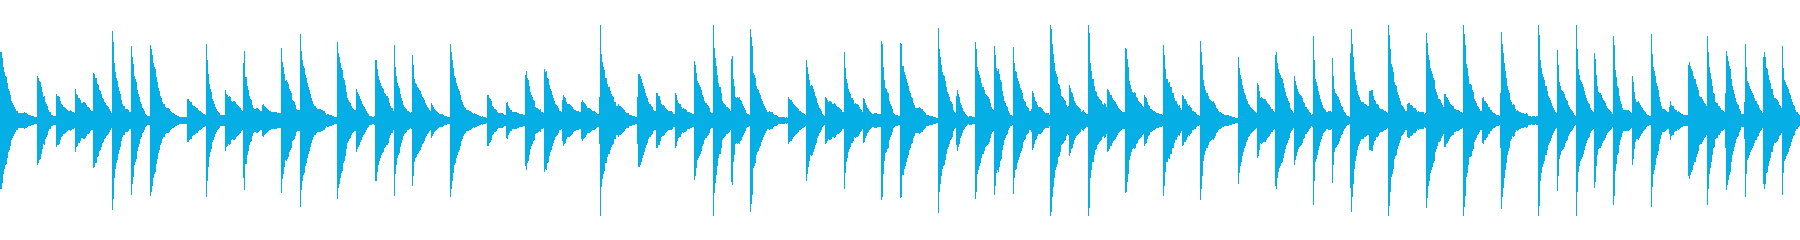 オルゴール風BGM(ループ)の再生済みの波形